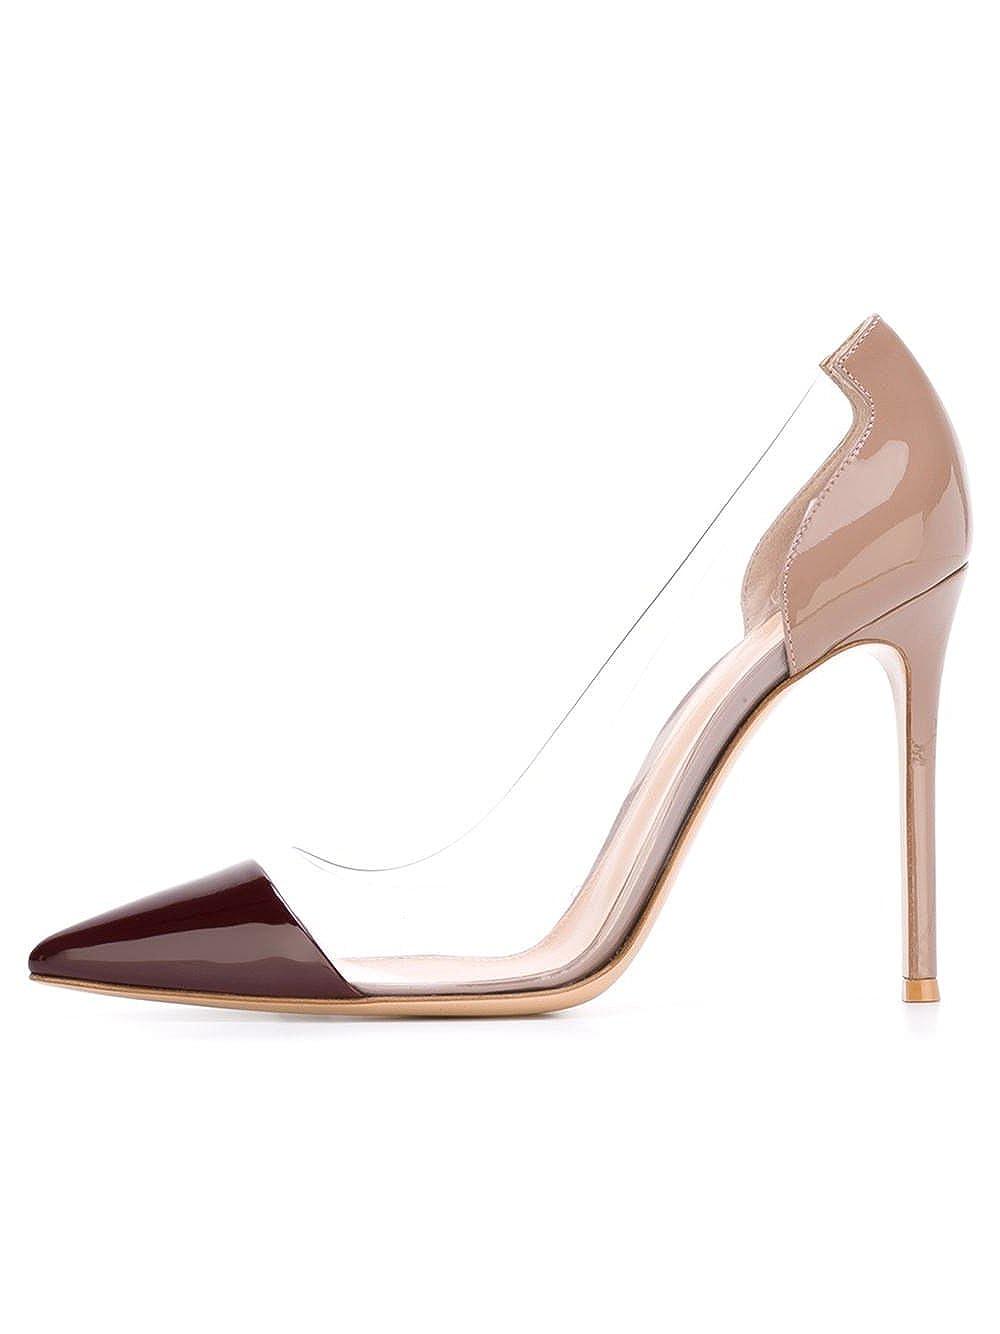 DYF Frauen nackt Scharfe feine Schuhe High Heel Transparent Light Big Größe Rot + Nackt 41